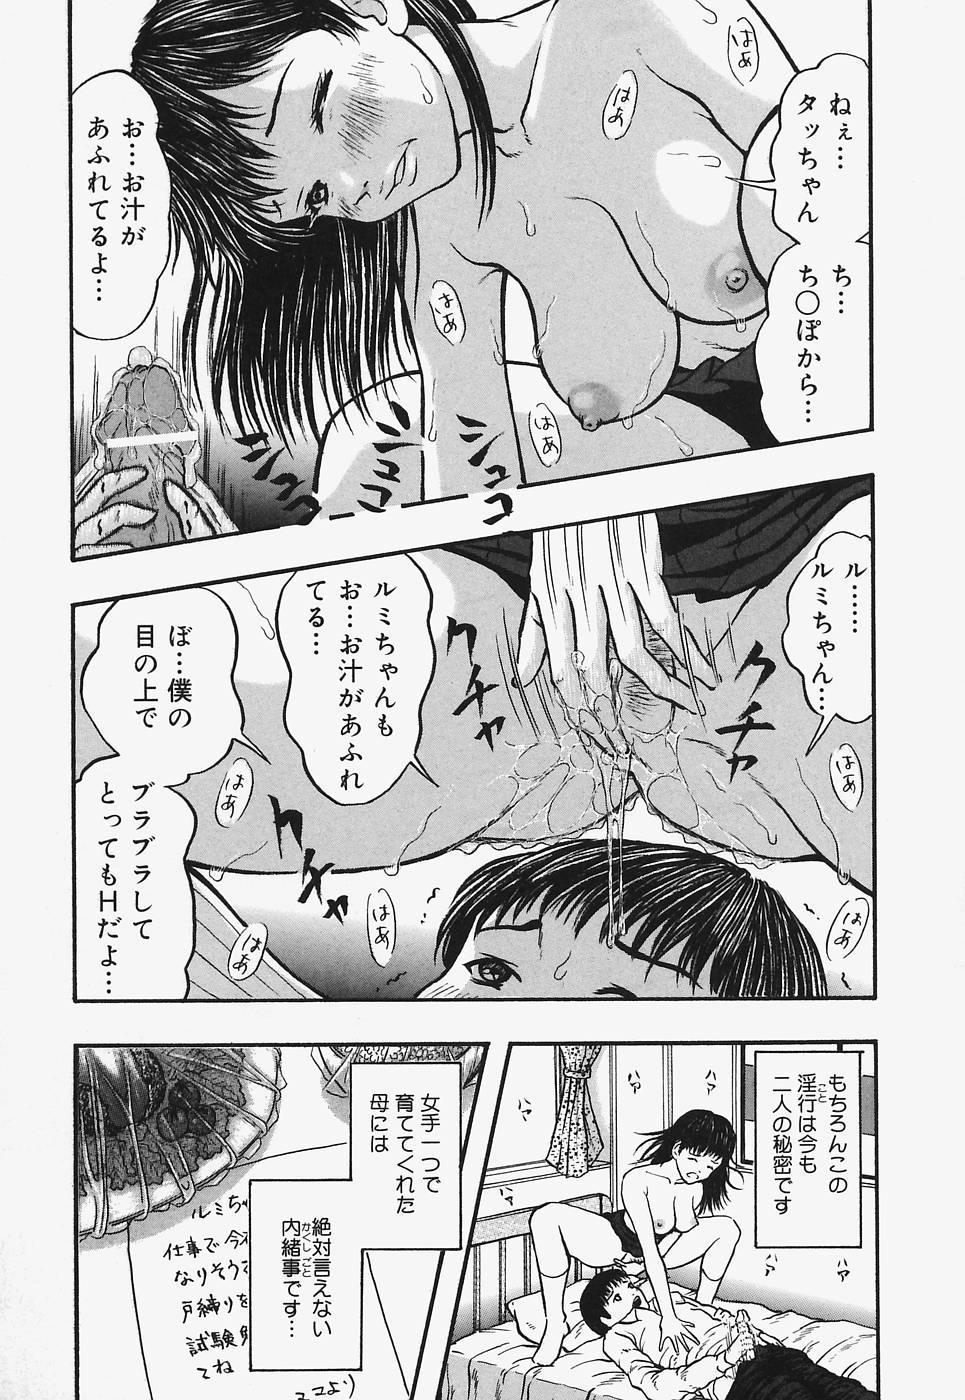 Nurunuru Syoujyo Jiru 53